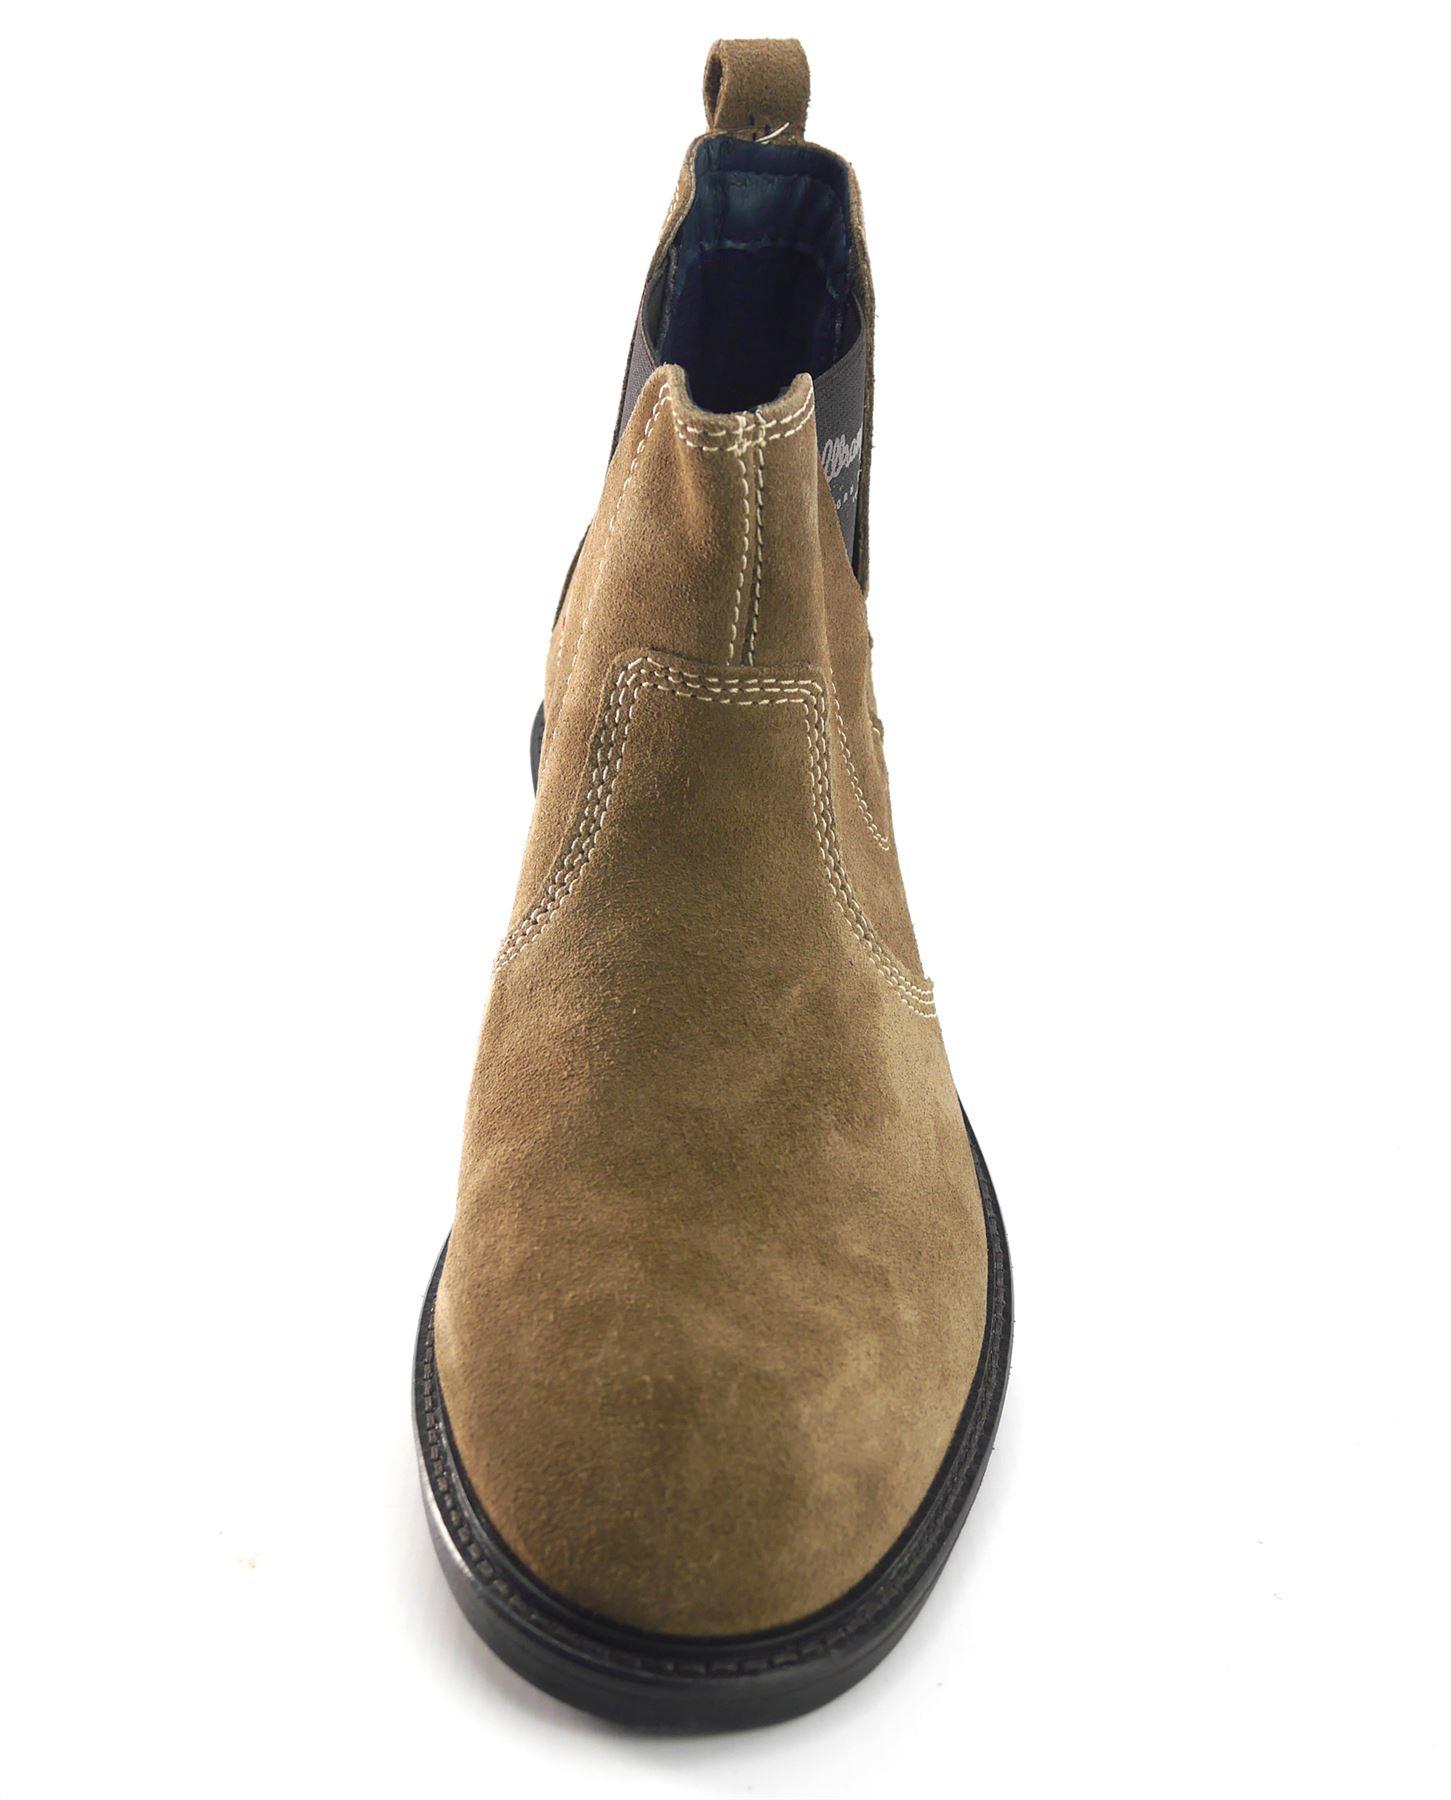 WRANGLER Da Uomo Alla Caviglia Caviglia Caviglia Chelsea Roll in pelle scamosciata Marroneee Stivali Pull On | Buona Reputazione Over The World  | Uomini/Donne Scarpa  32a99f